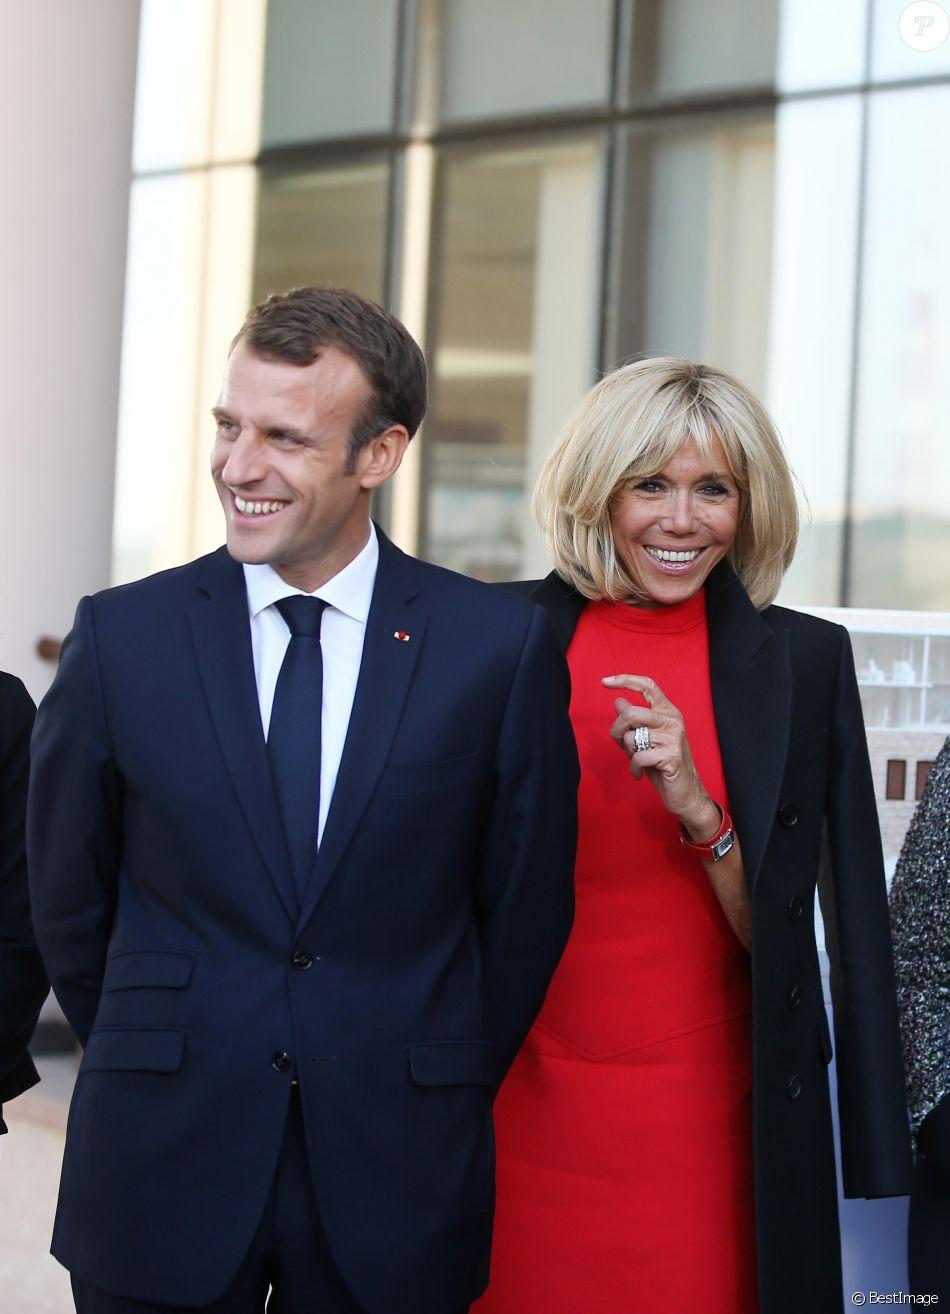 Le président de la République française Emmanuel Macron et sa femme la première dame Brigitte Macron visitent la Maison Charles-Aznavour à Erevan, Arménie, le 11 octobre 2018. © Dominique Jacovides/Bestimage